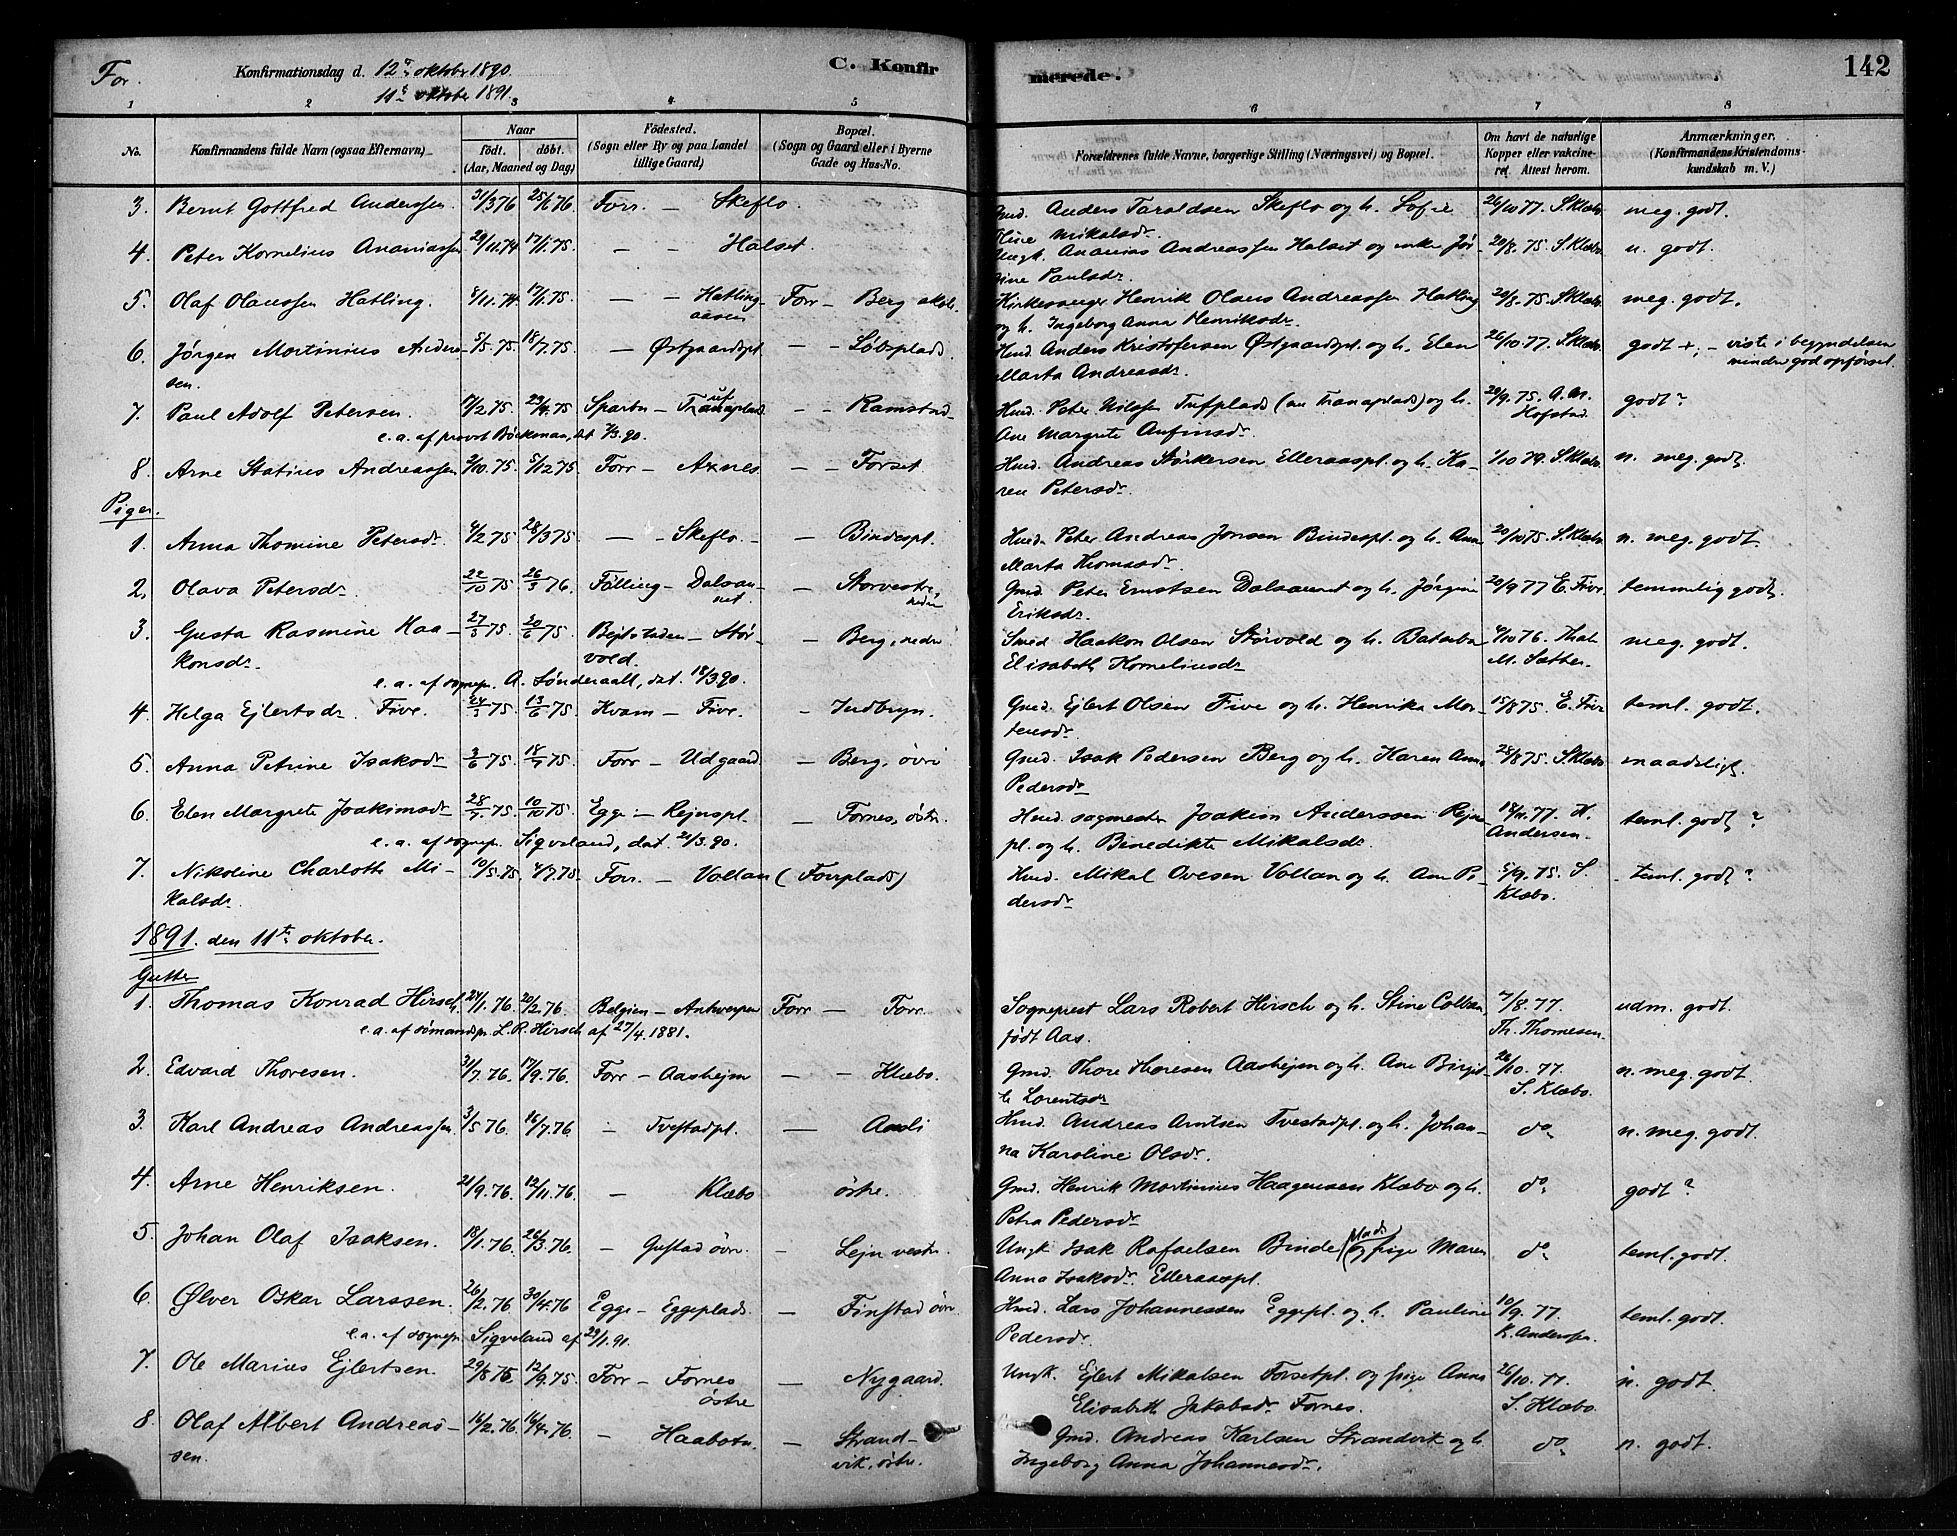 SAT, Ministerialprotokoller, klokkerbøker og fødselsregistre - Nord-Trøndelag, 746/L0448: Ministerialbok nr. 746A07 /1, 1878-1900, s. 142